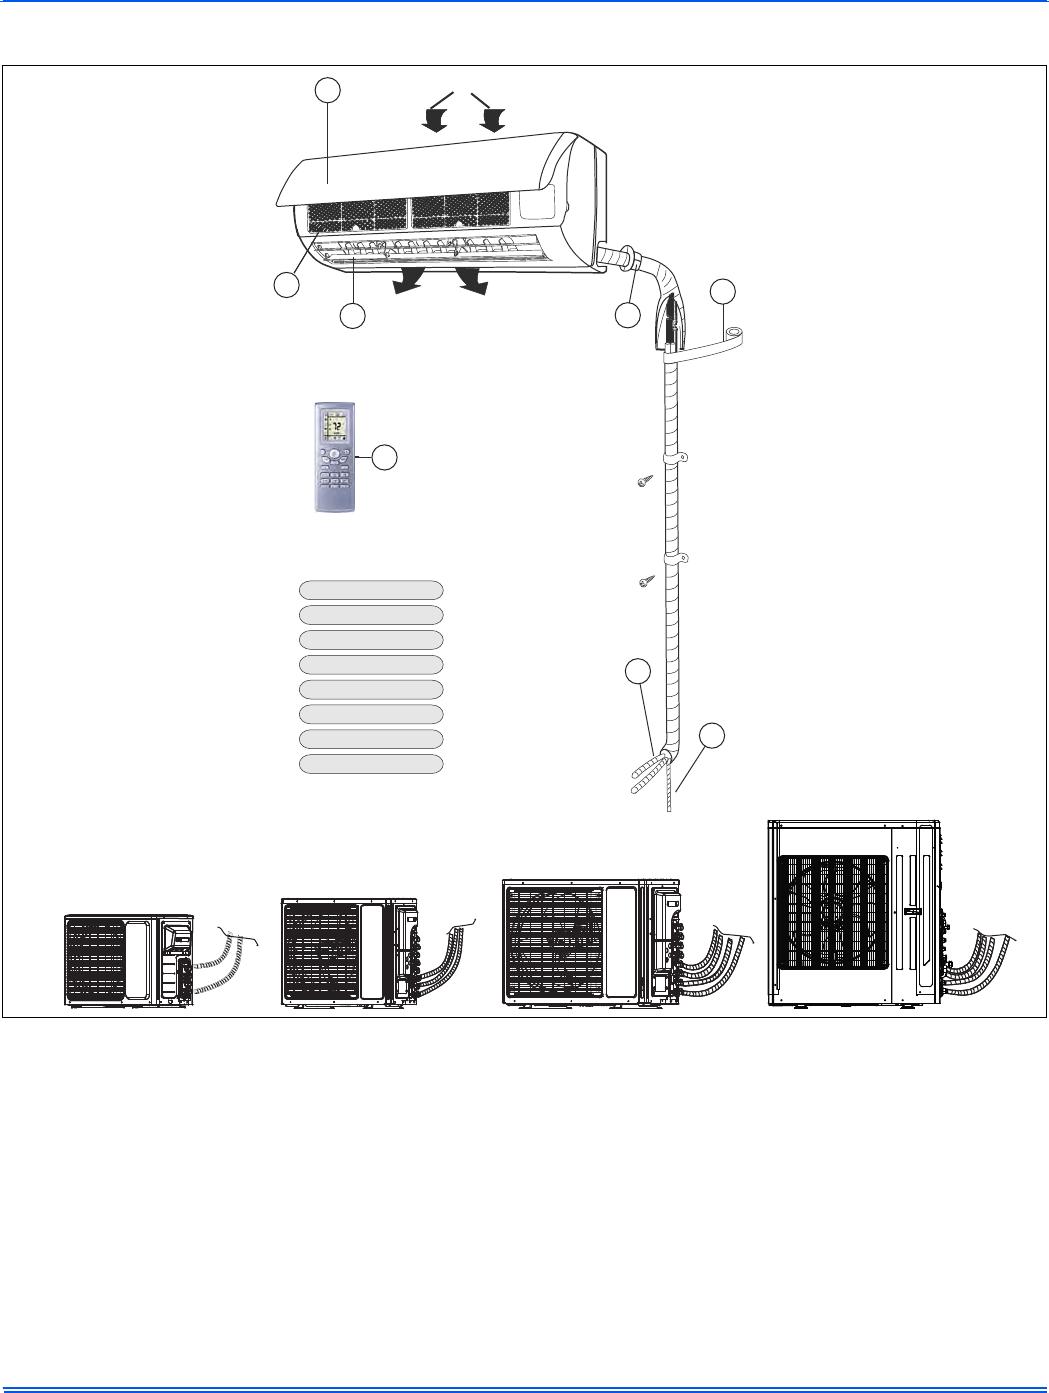 York Lx Mini Split Air Conditioners Owner S 898147 UUM B